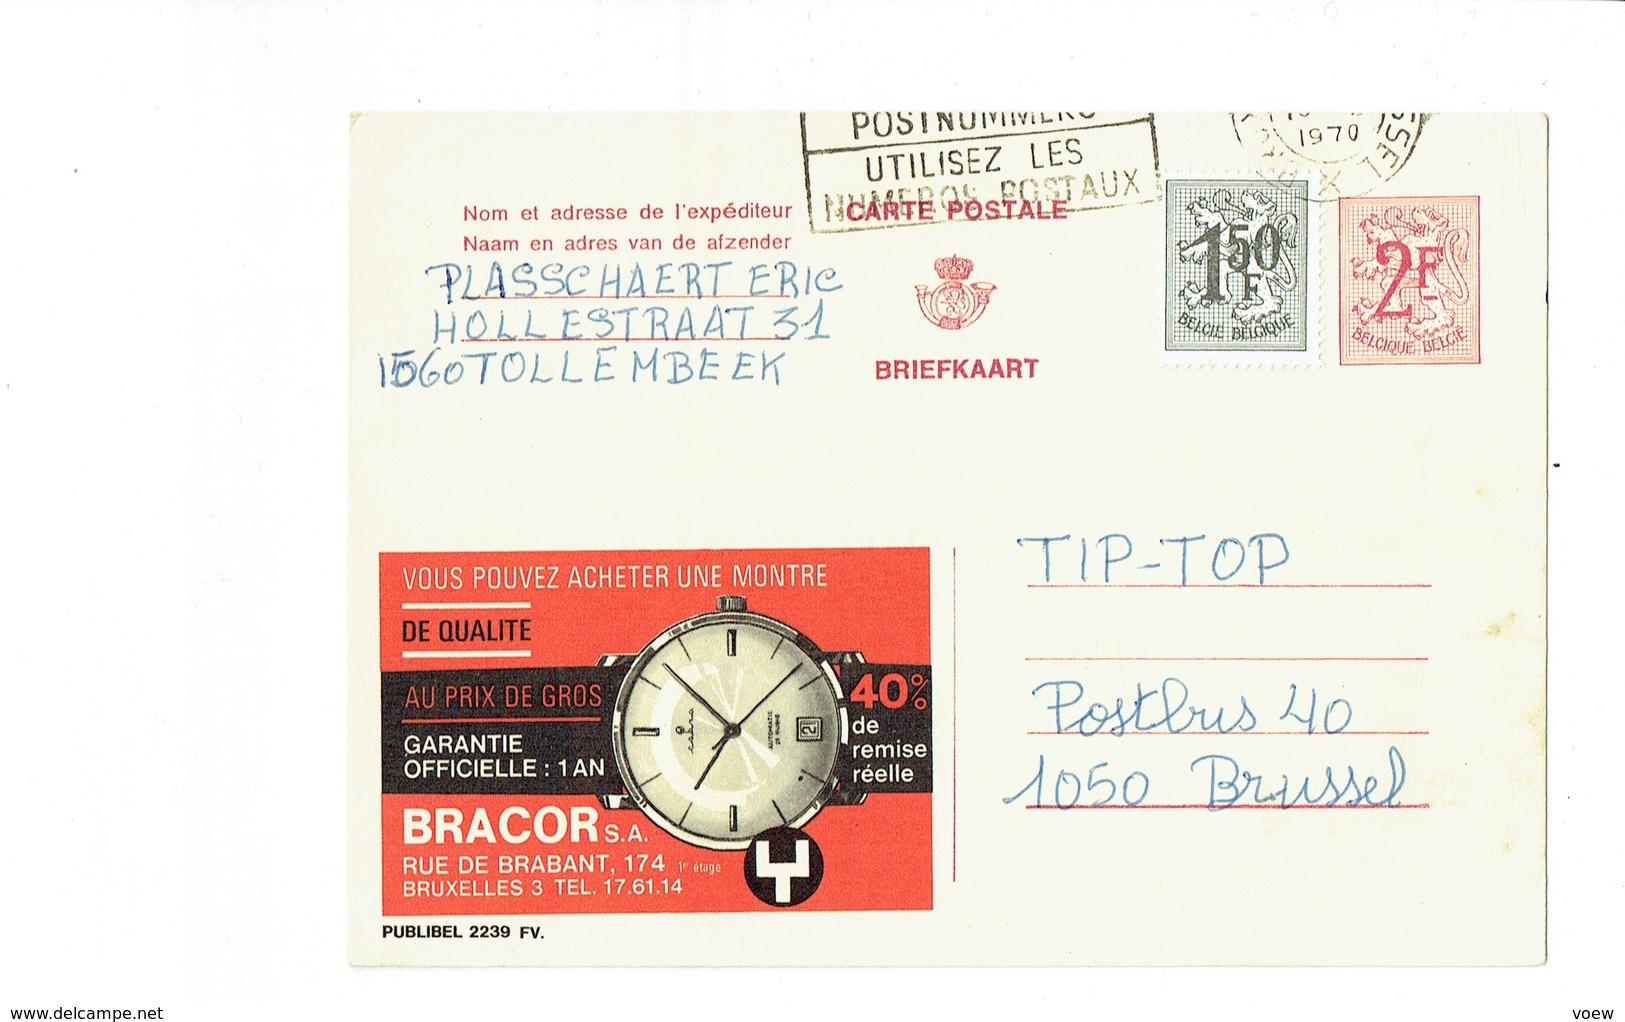 Publibel 2239FV - BRACOR - 0262 - Stamped Stationery